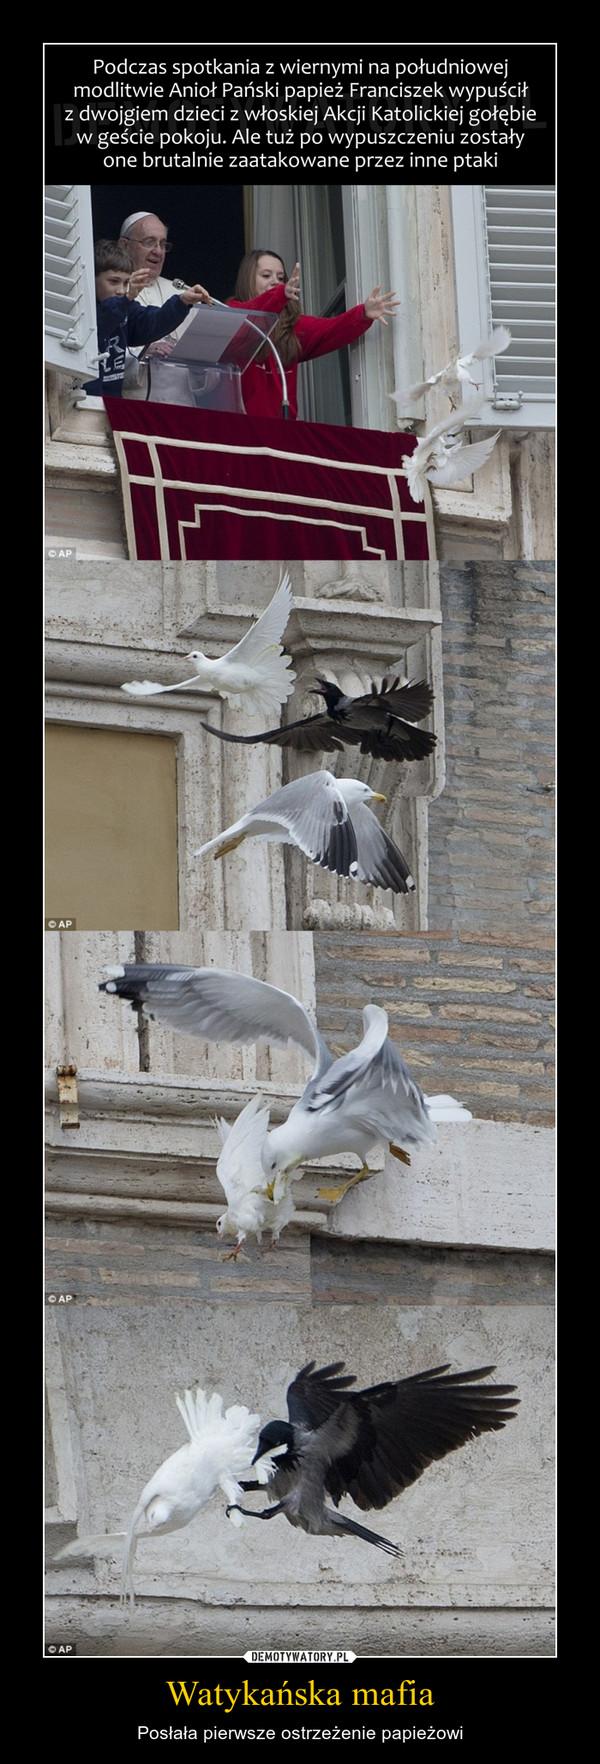 Watykańska mafia – Posłała pierwsze ostrzeżenie papieżowi